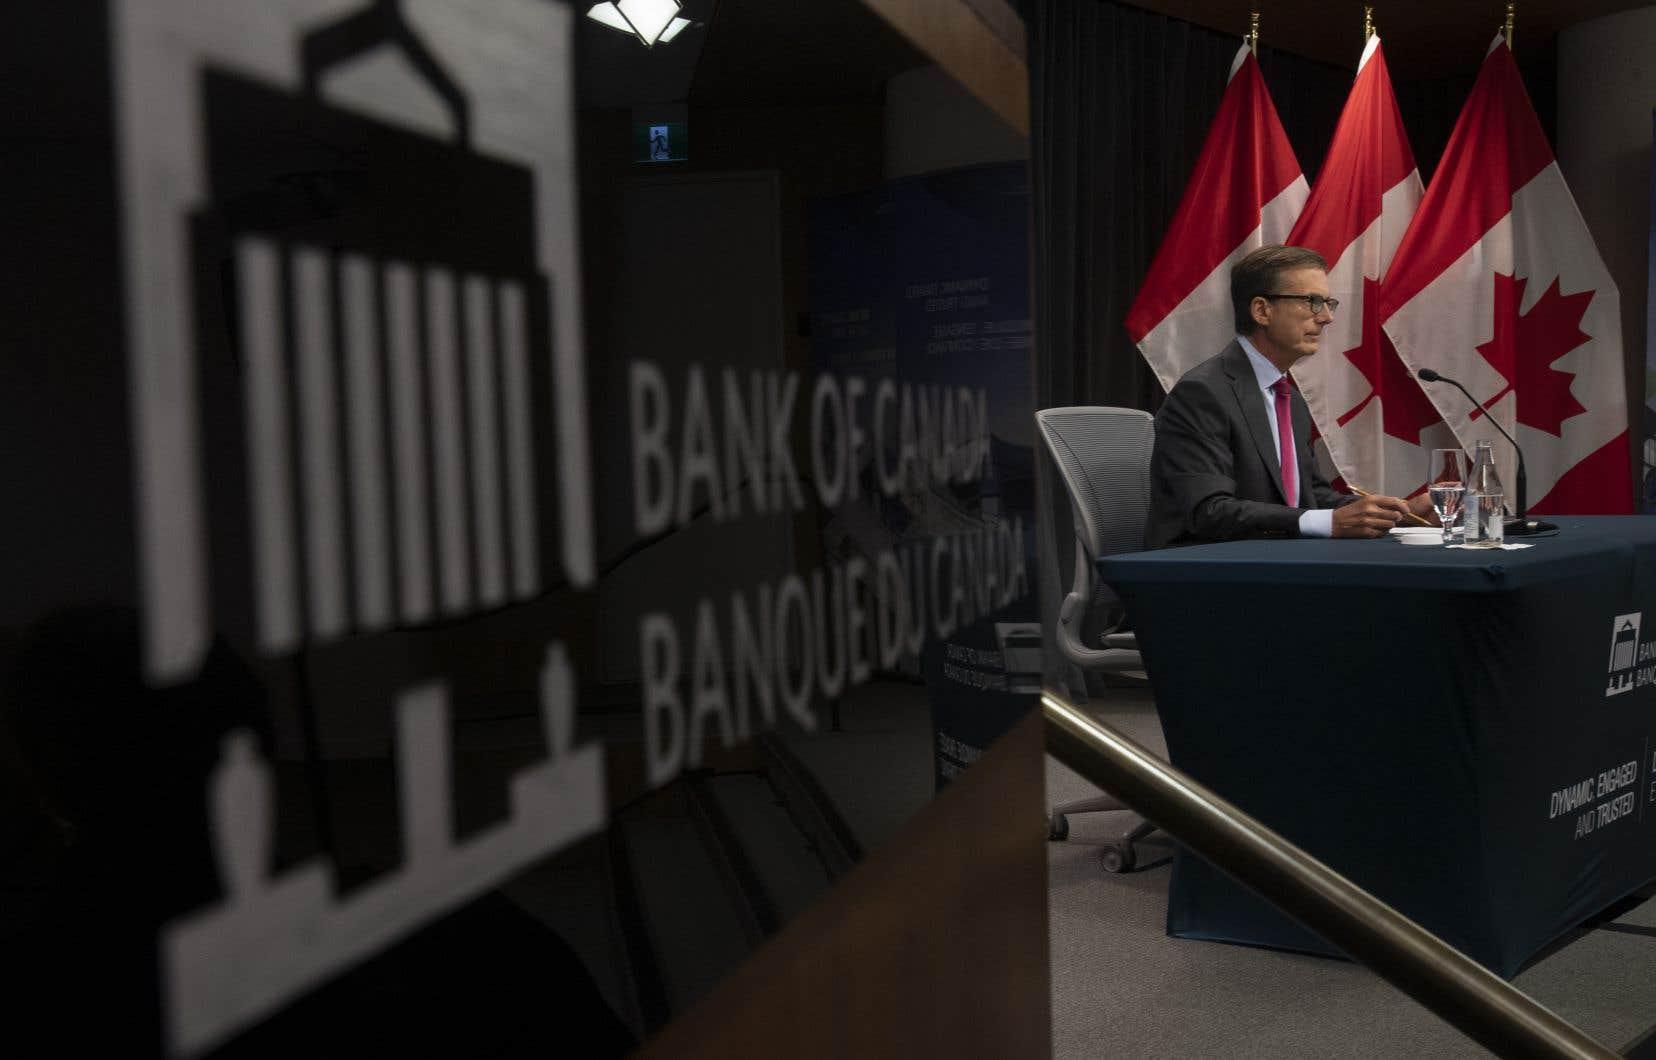 Comme la Banque du Canada continue d'affirmer avoir comme seul objectif le contrôle de l'inflation, il y a un certain flou quant aux autres préoccupations qu'elle peut avoir.